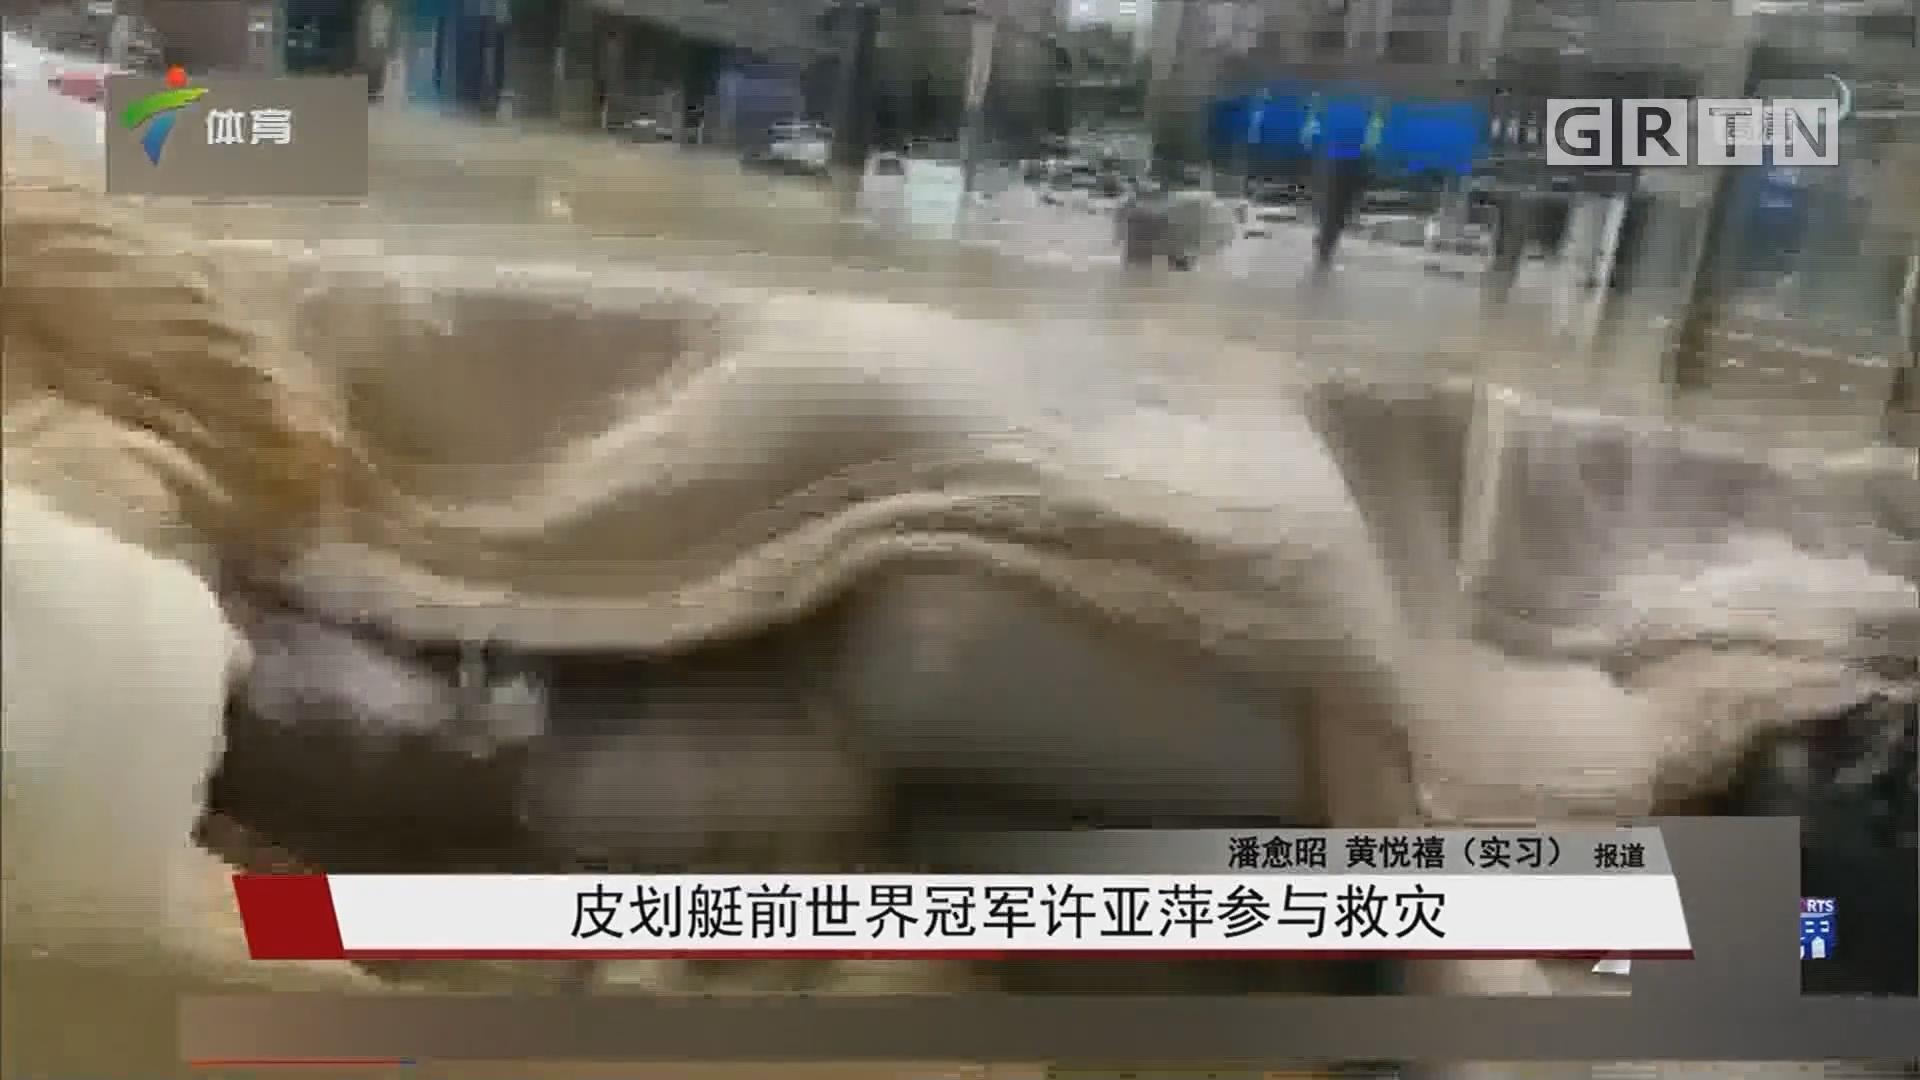 皮划艇前世界冠军许亚萍参与救灾